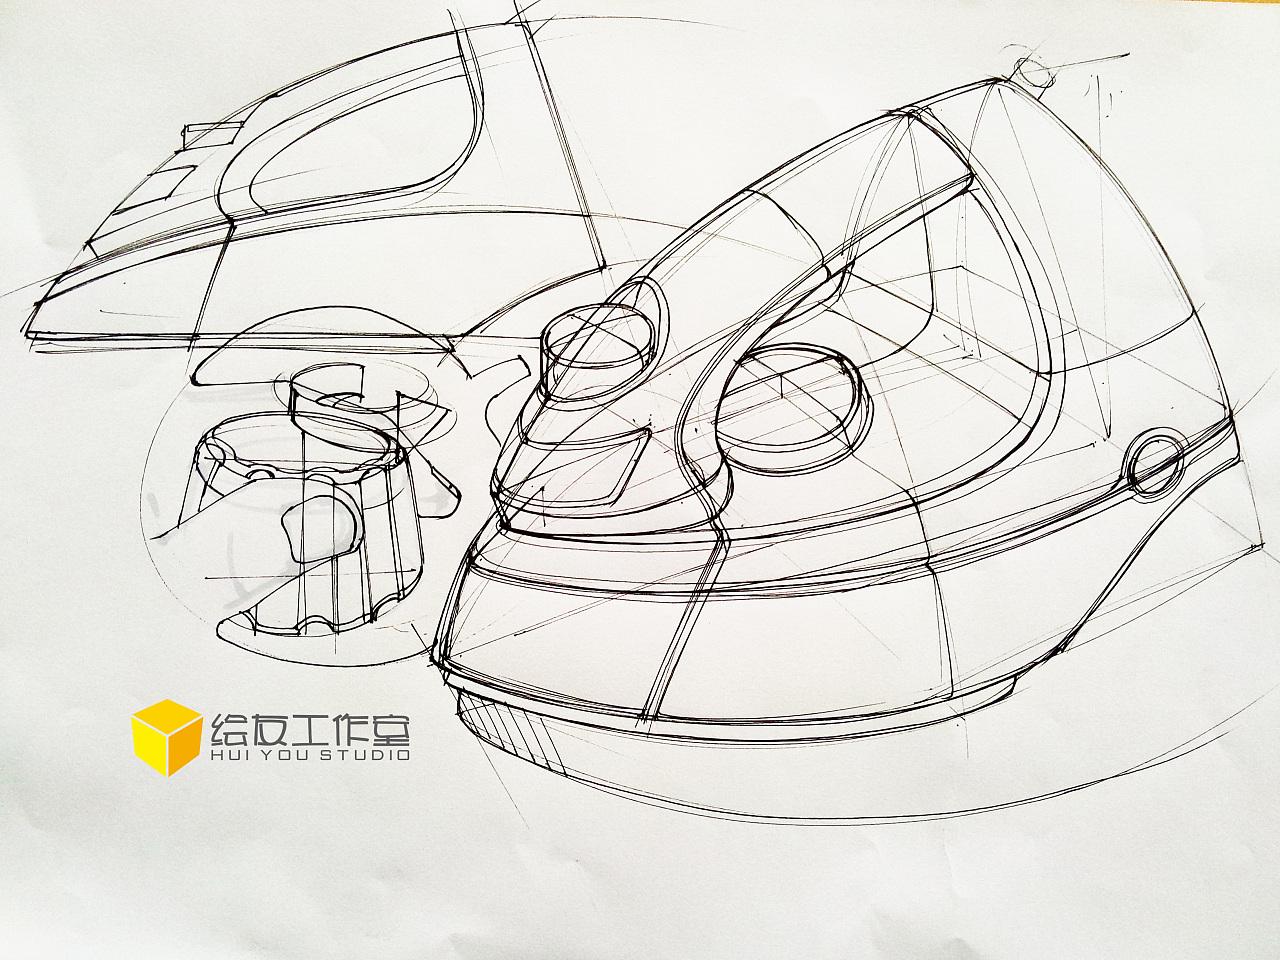 工业设计产品手绘之电熨斗(内含作画视频过程)